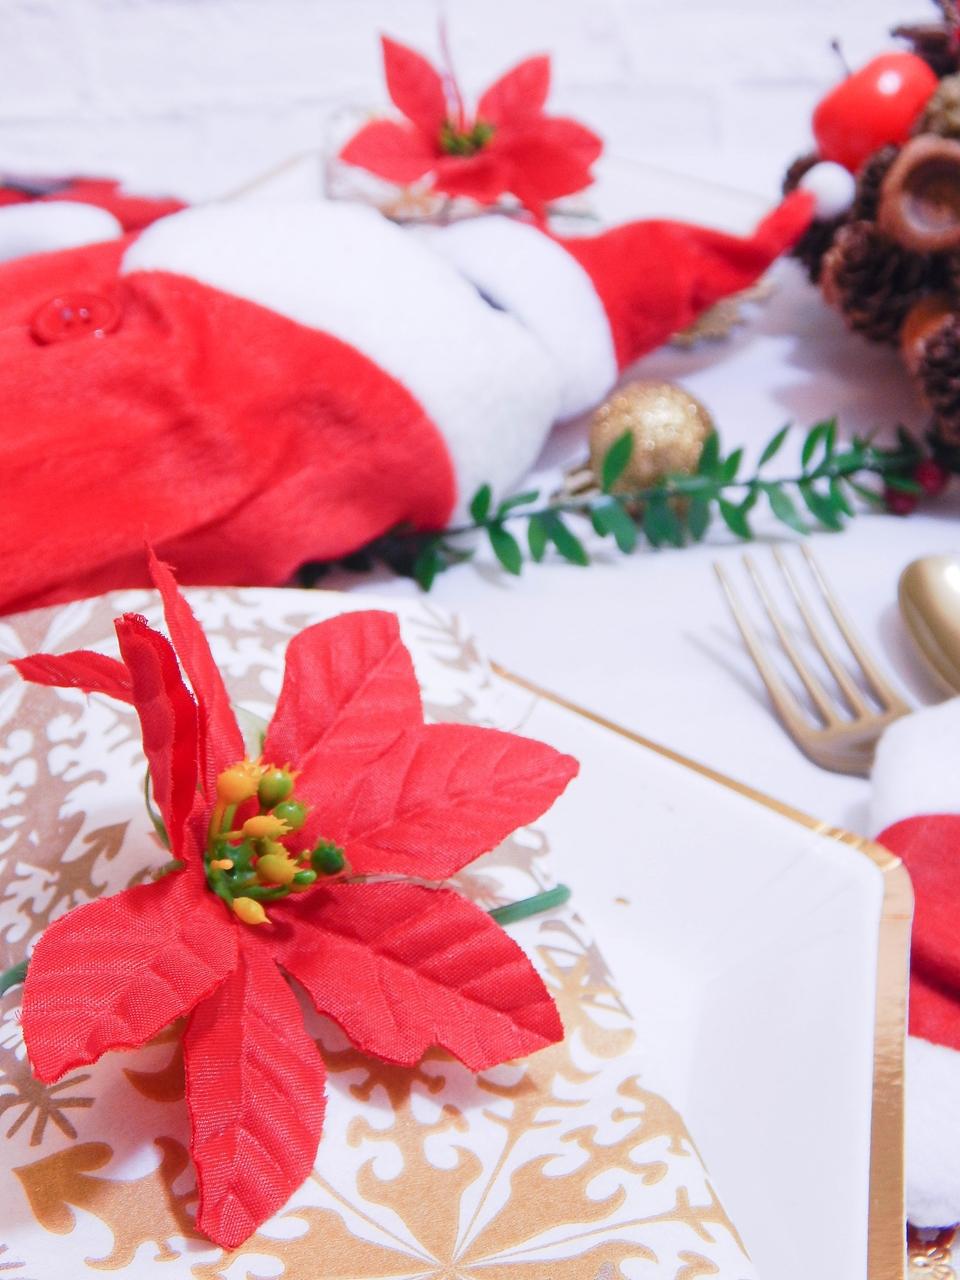 5 dekoracja świątecznego stołu jak udekorować stół na boże narodzenie dekoracja kolacja wigilijna dekoracja stroik na stół wigilijny wianek świeczka mikołajowe ubrania na butelki mikołaje na sztućce